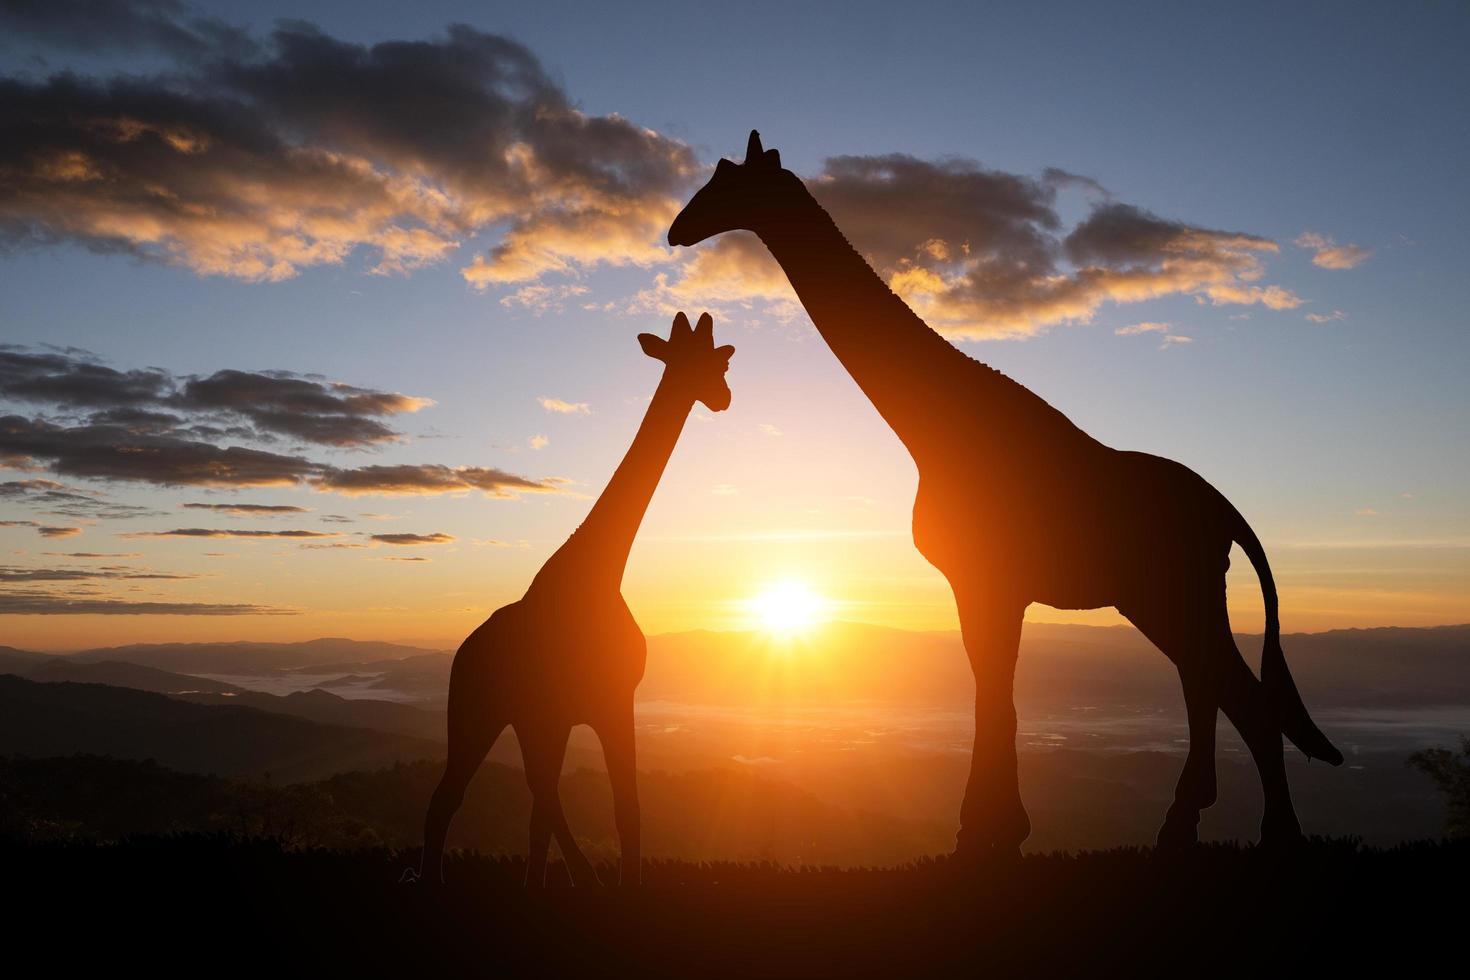 la silueta de una jirafa con puesta de sol foto